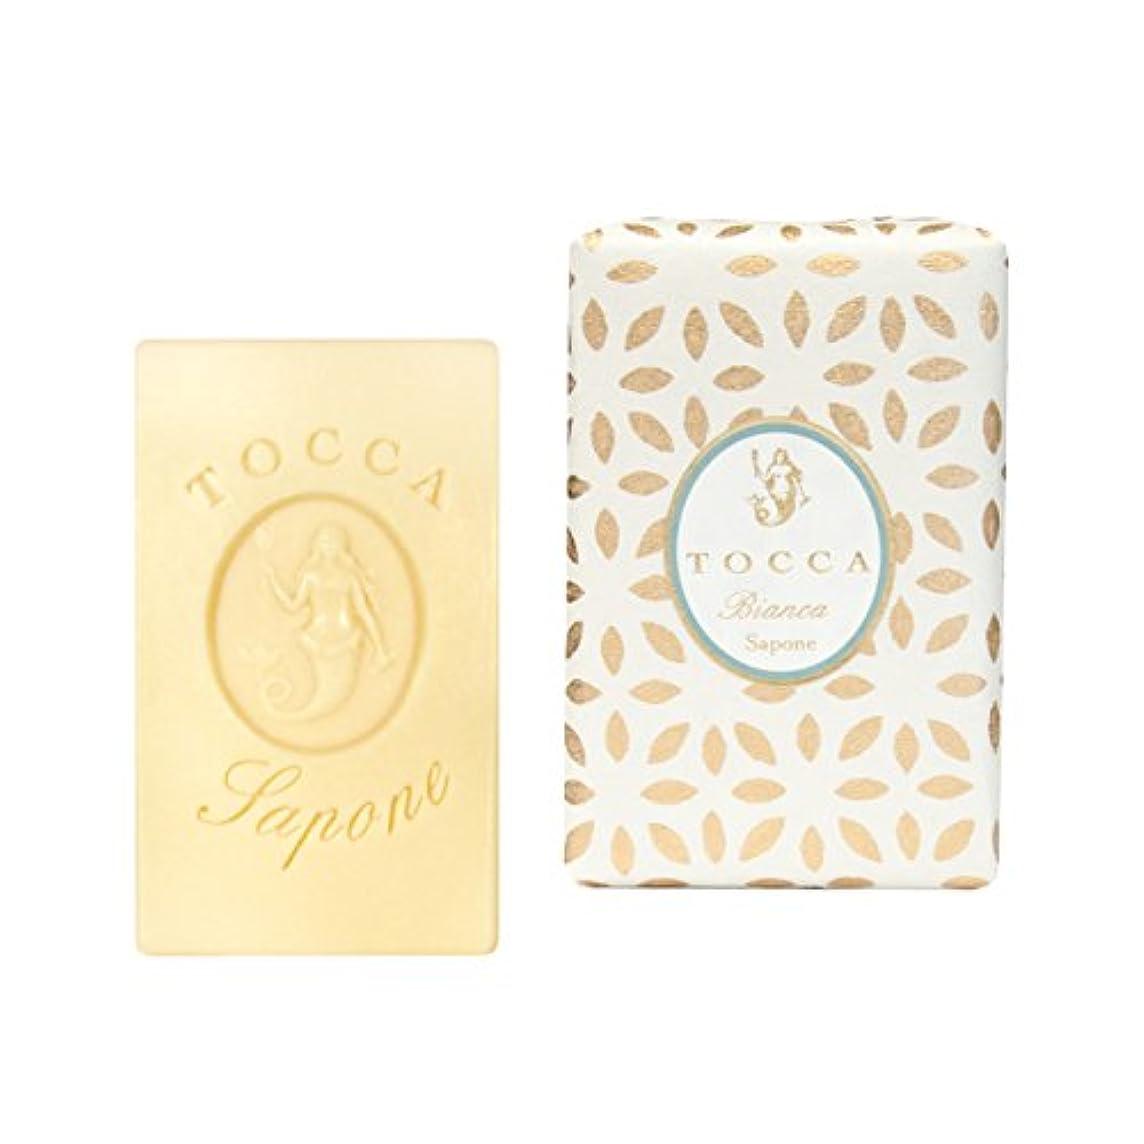 行動証明するコミットトッカ(TOCCA) ソープバー ビアンカの香り 113g(化粧石けん シトラスとグリーンティー、ローズが絶妙に溶け合ったほのかに甘さ漂うフレッシュな香り)